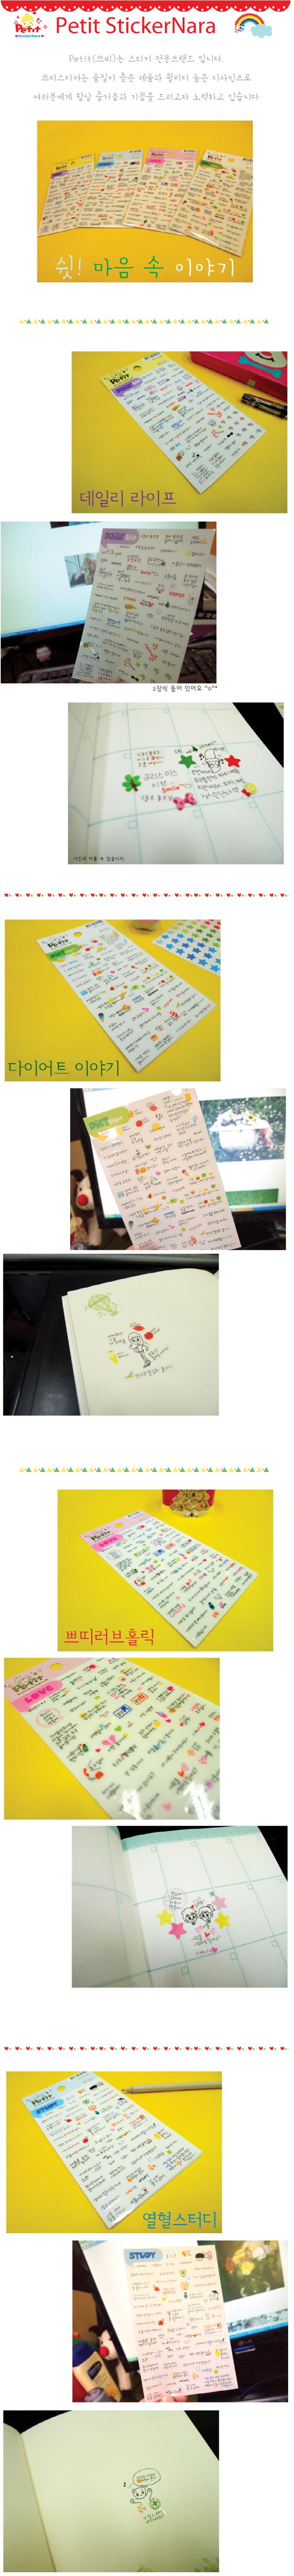 쁘띠 손글씨스티커 - 3종 택1 - 일라이, 1,000원, 스티커, 메시지스티커